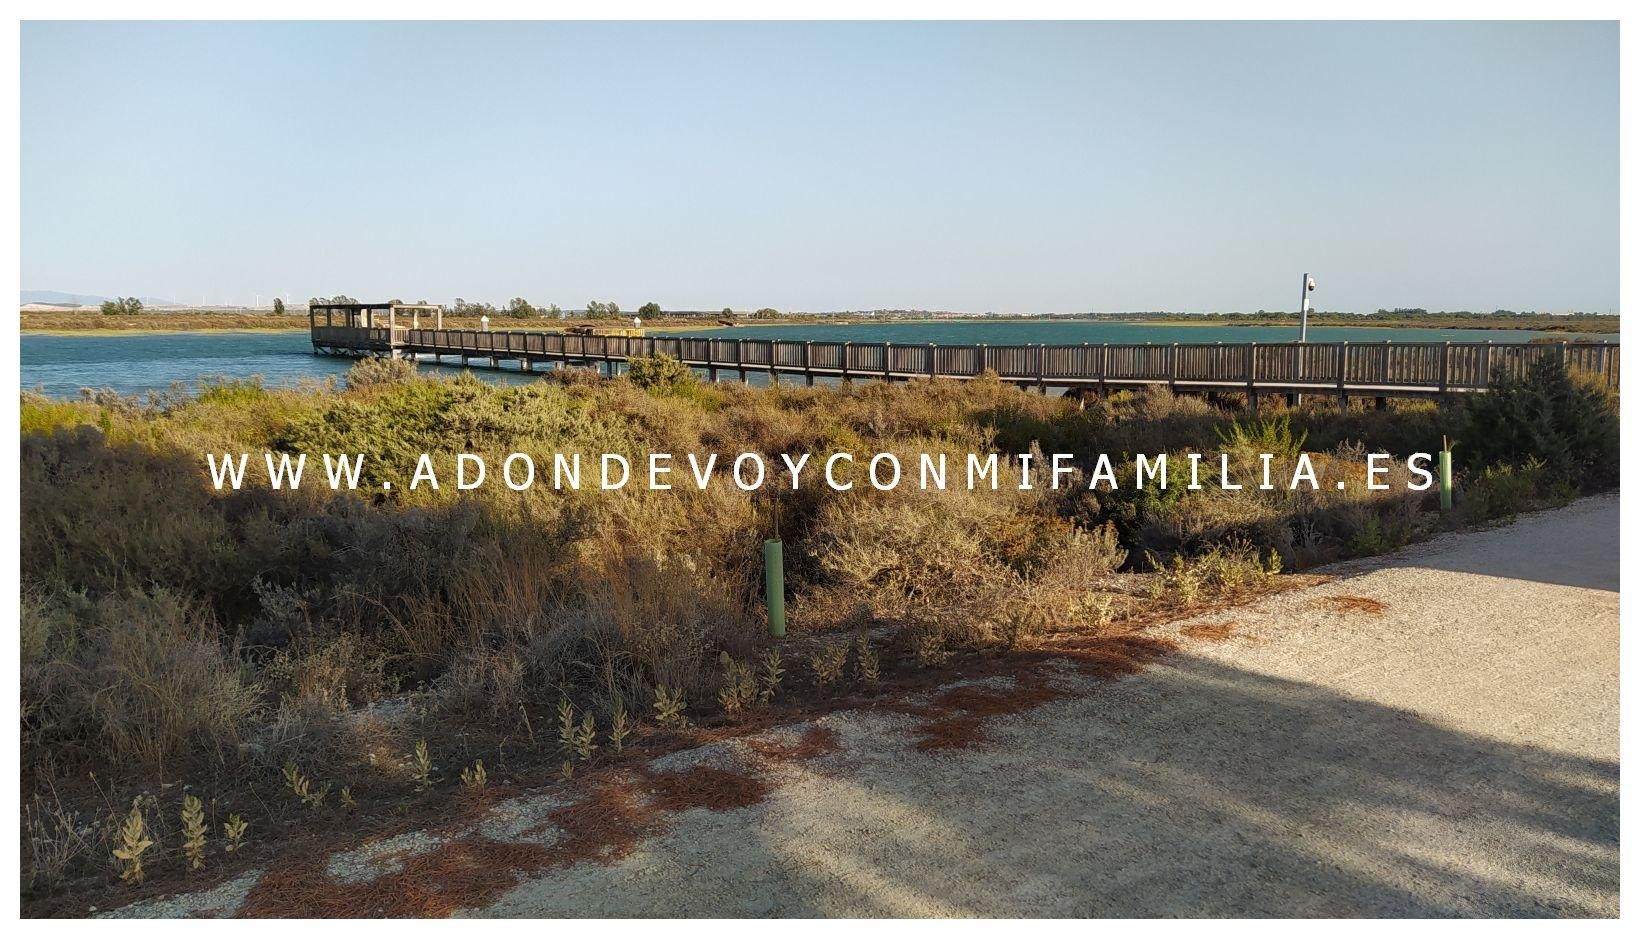 1_los-torunos-embarcadero-adondevoyconmifamilia